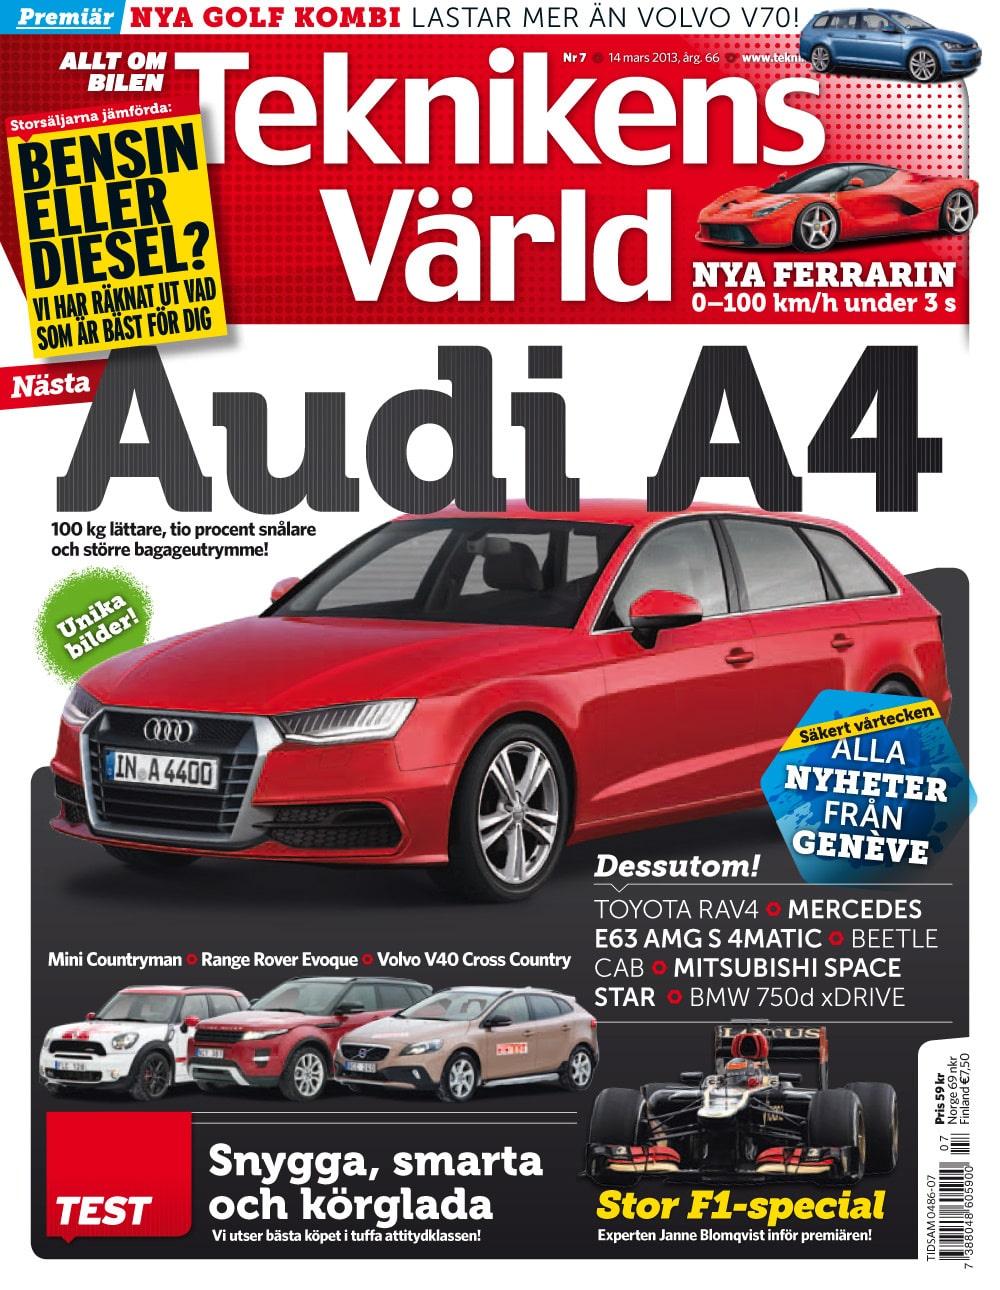 Teknikens Värld nummer 7 / 2013